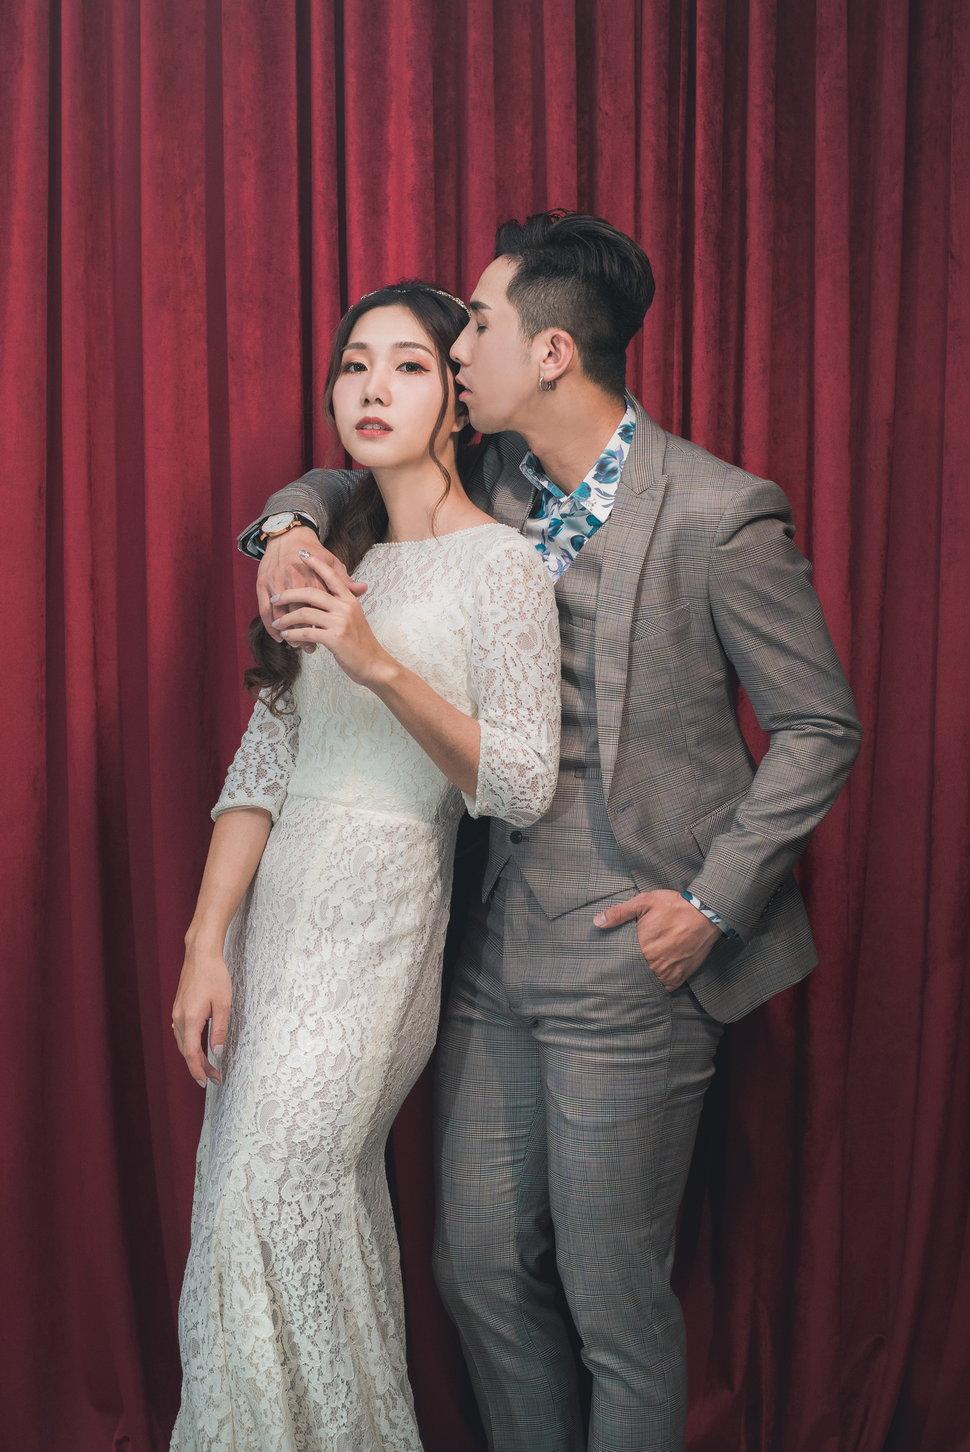 D81_2761 - 春漾婚禮紀錄  (儀+宴10600) - 結婚吧